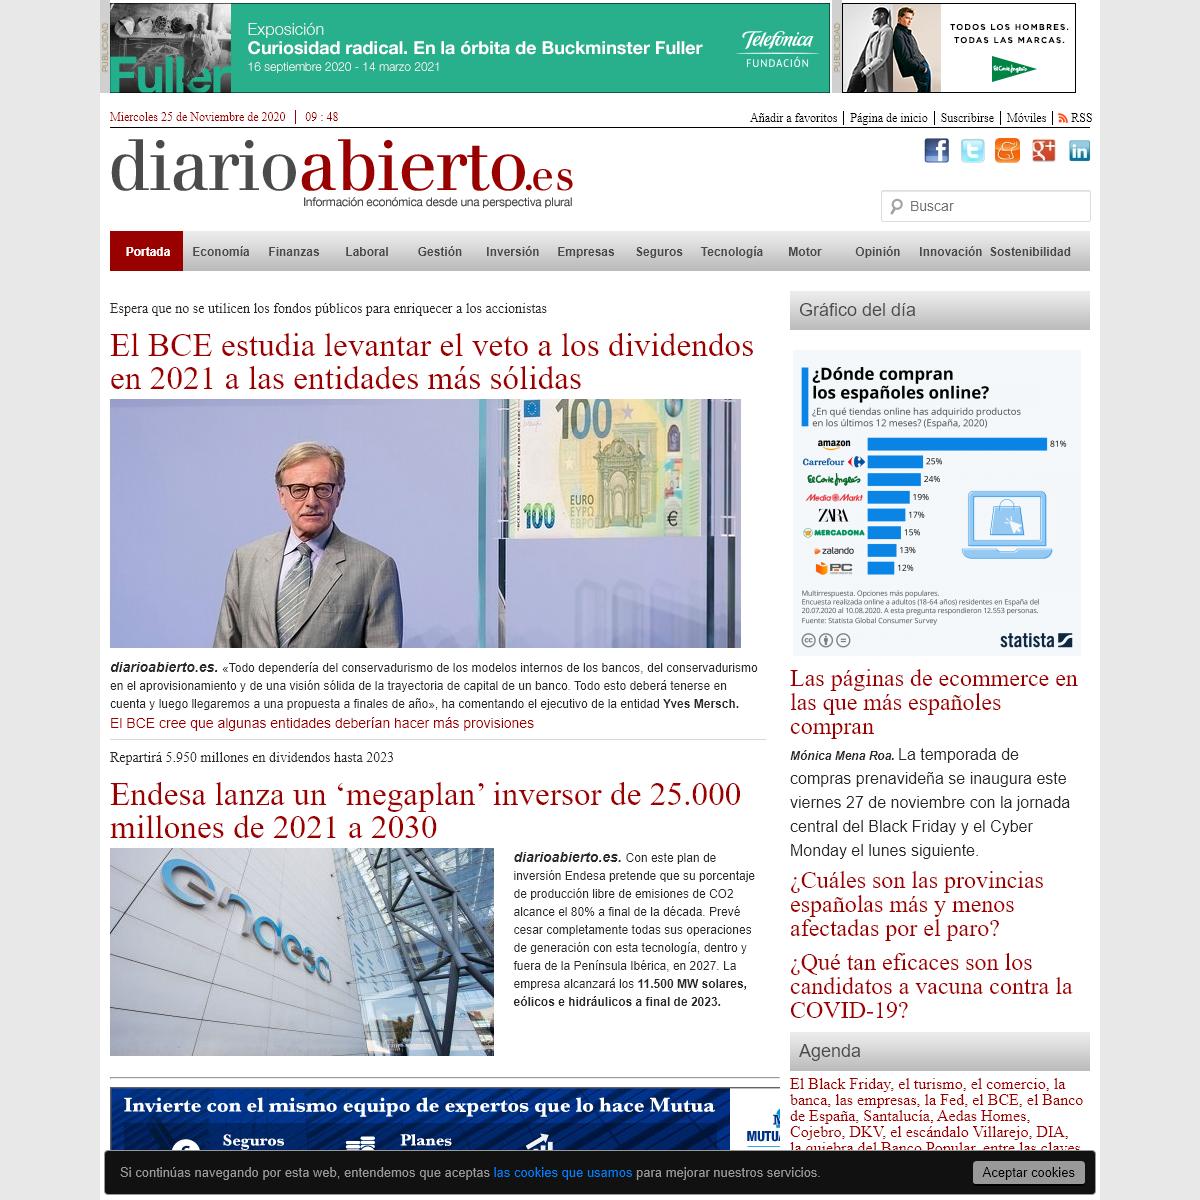 DiarioAbierto - Información Económica desde una perspectiva pluralDiarioAbierto - Información Económica desde una perspectiv